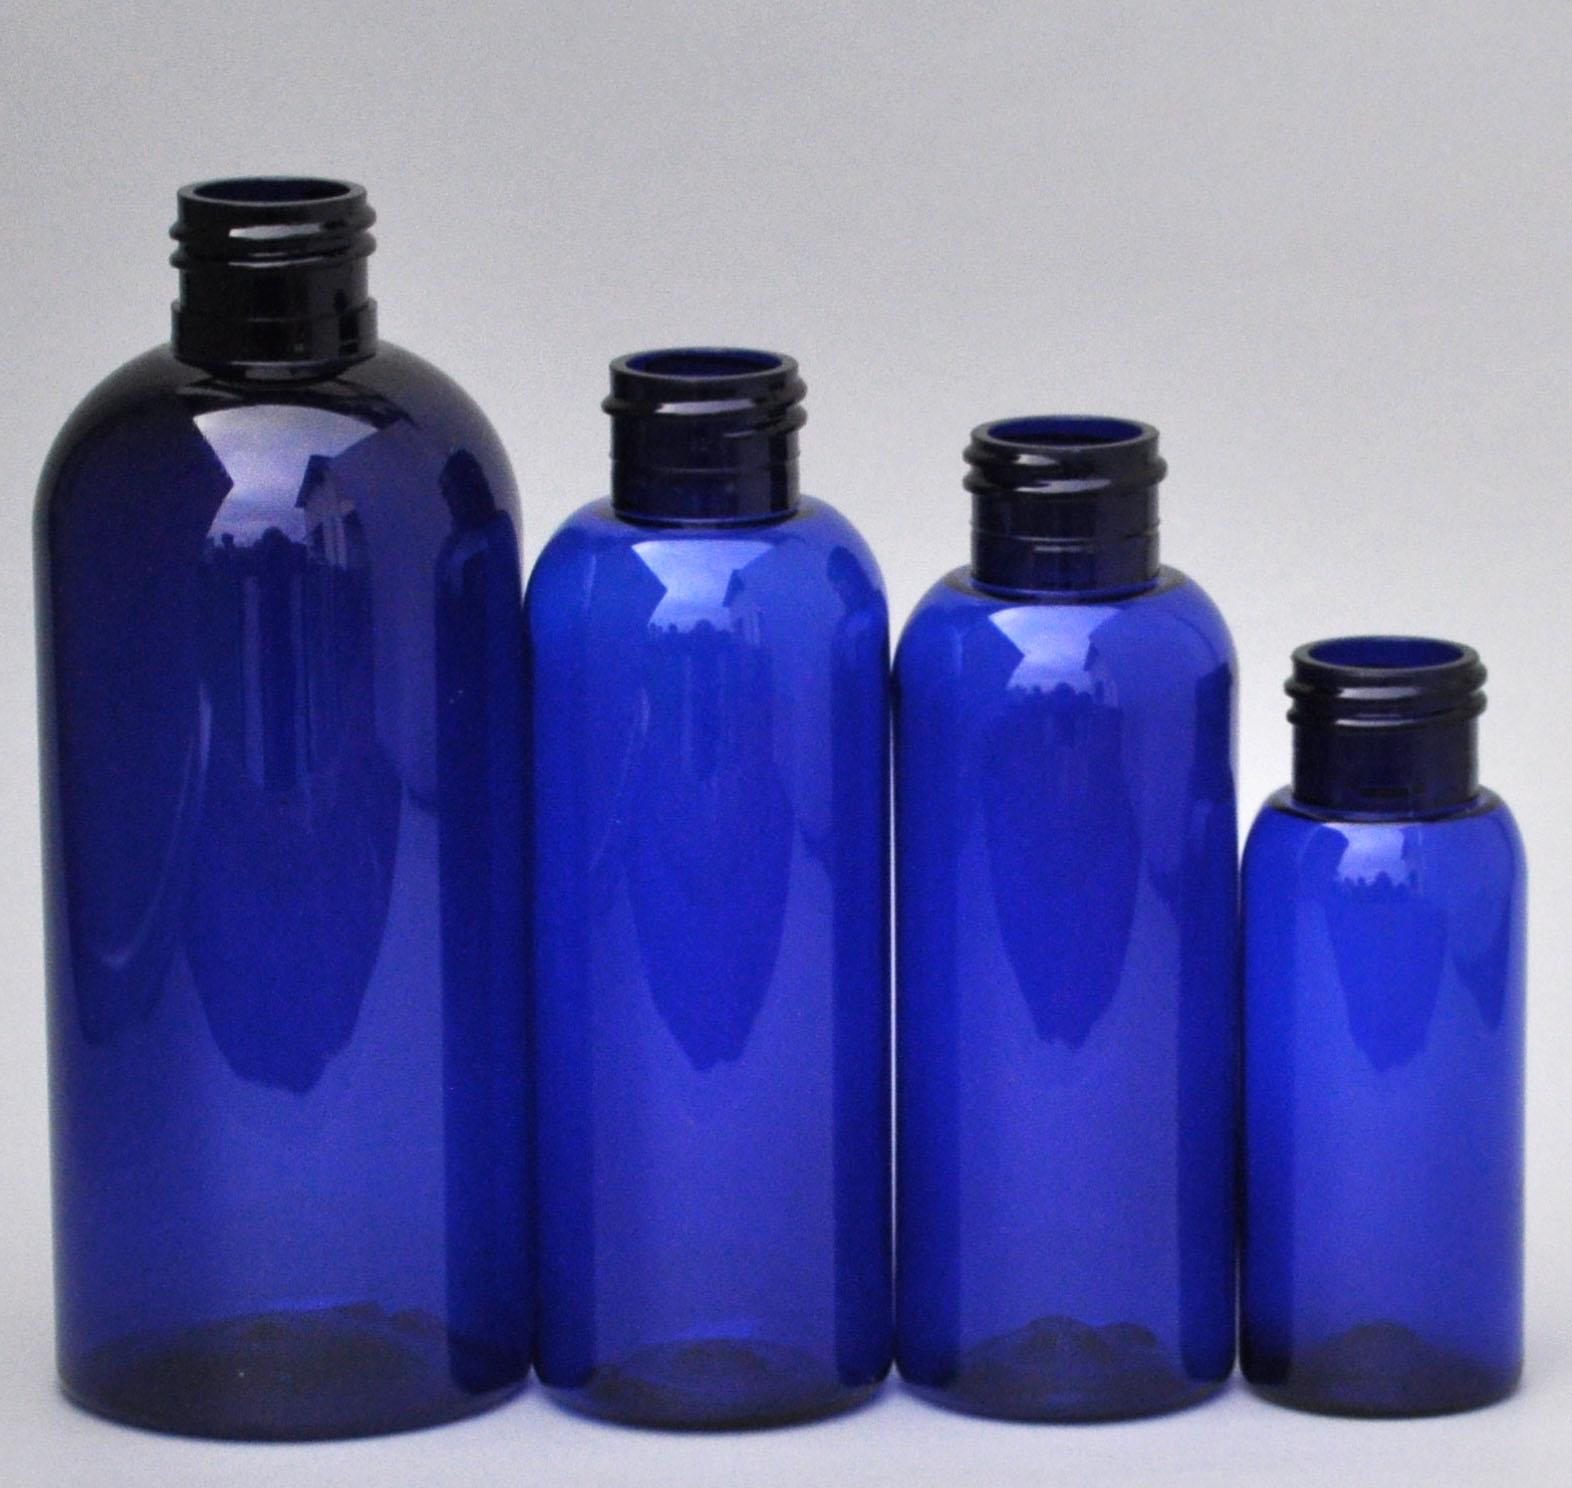 SNEP-50BPETCB-50ml Cobalt Blue PET Boston Bottle with 24/410 Neck